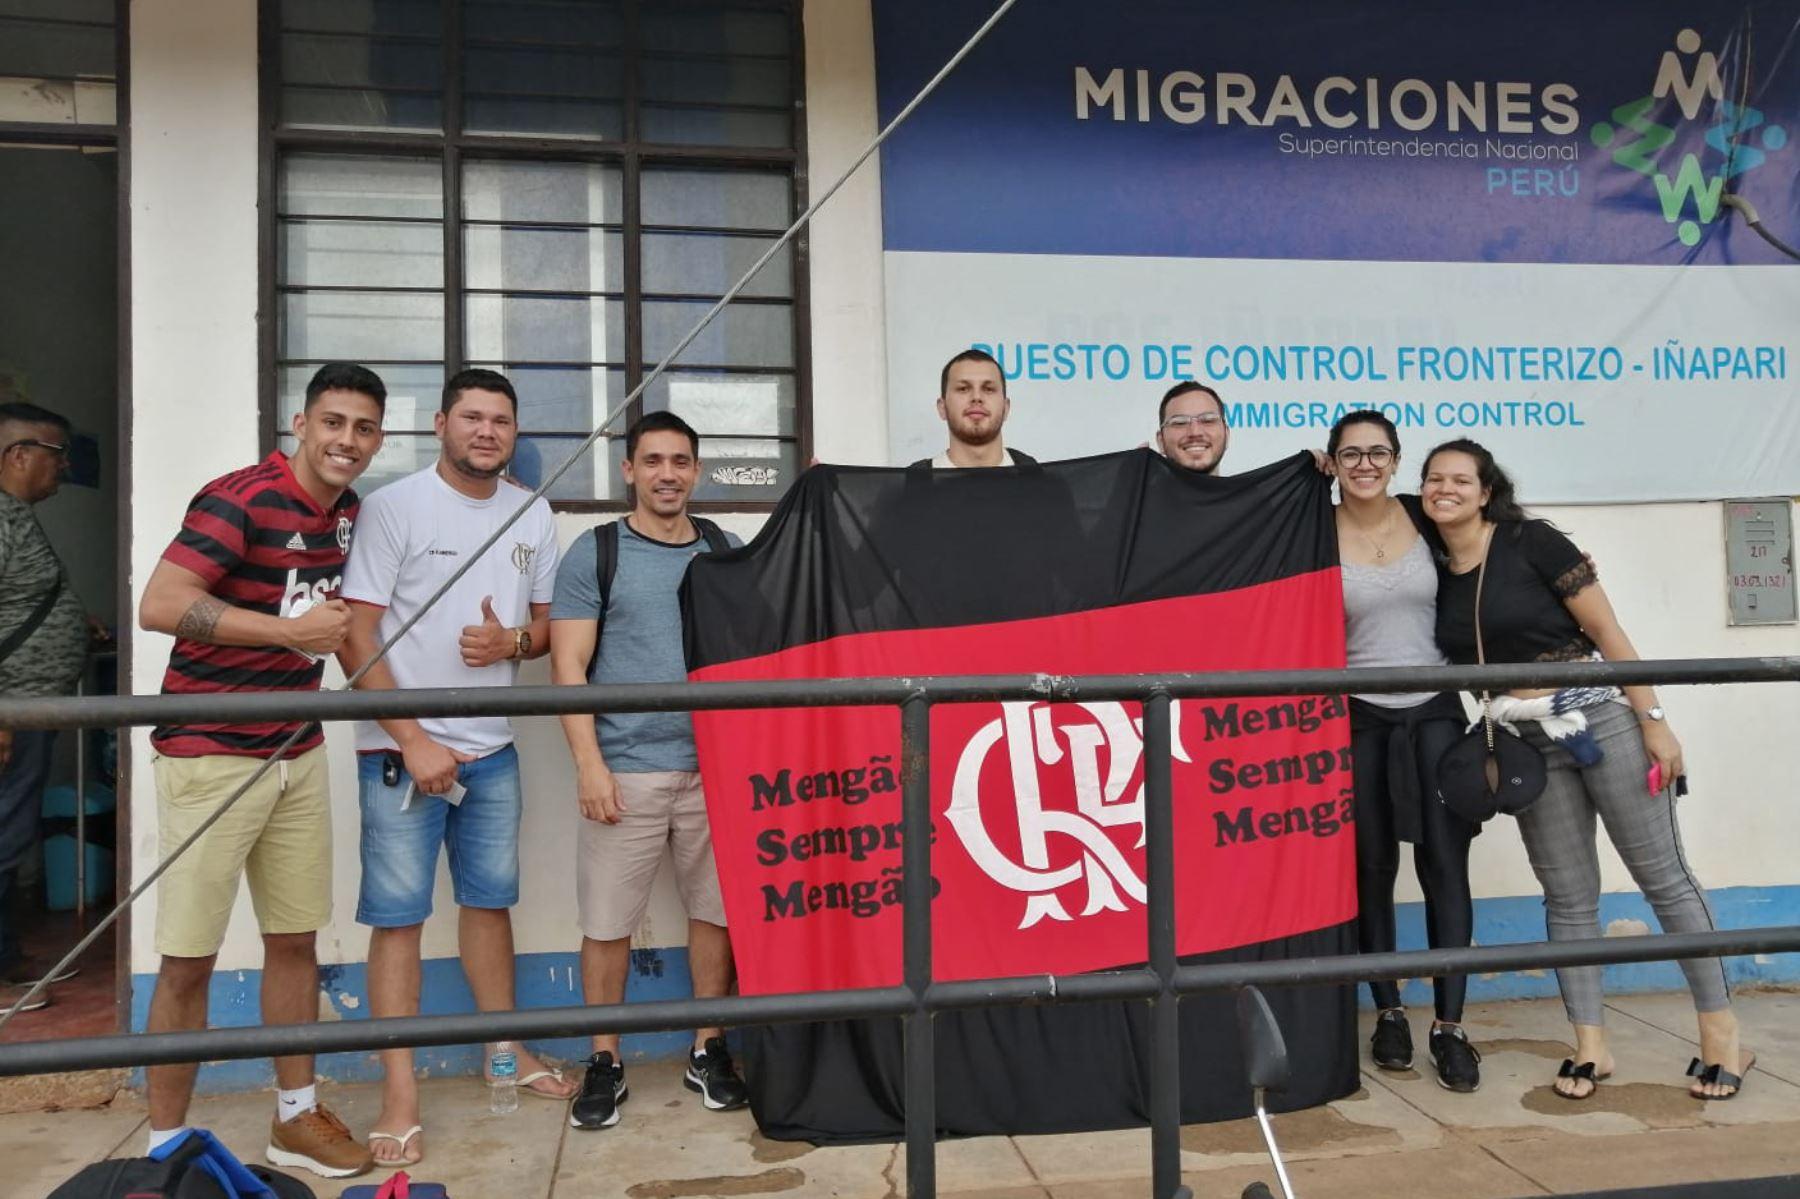 Alrededor de 100 hinchas del Flamengo de Brasil cruzaron la frontera en Madre de Dios para asistir a la final de la Copa Libertadores que se jugará en Lima.